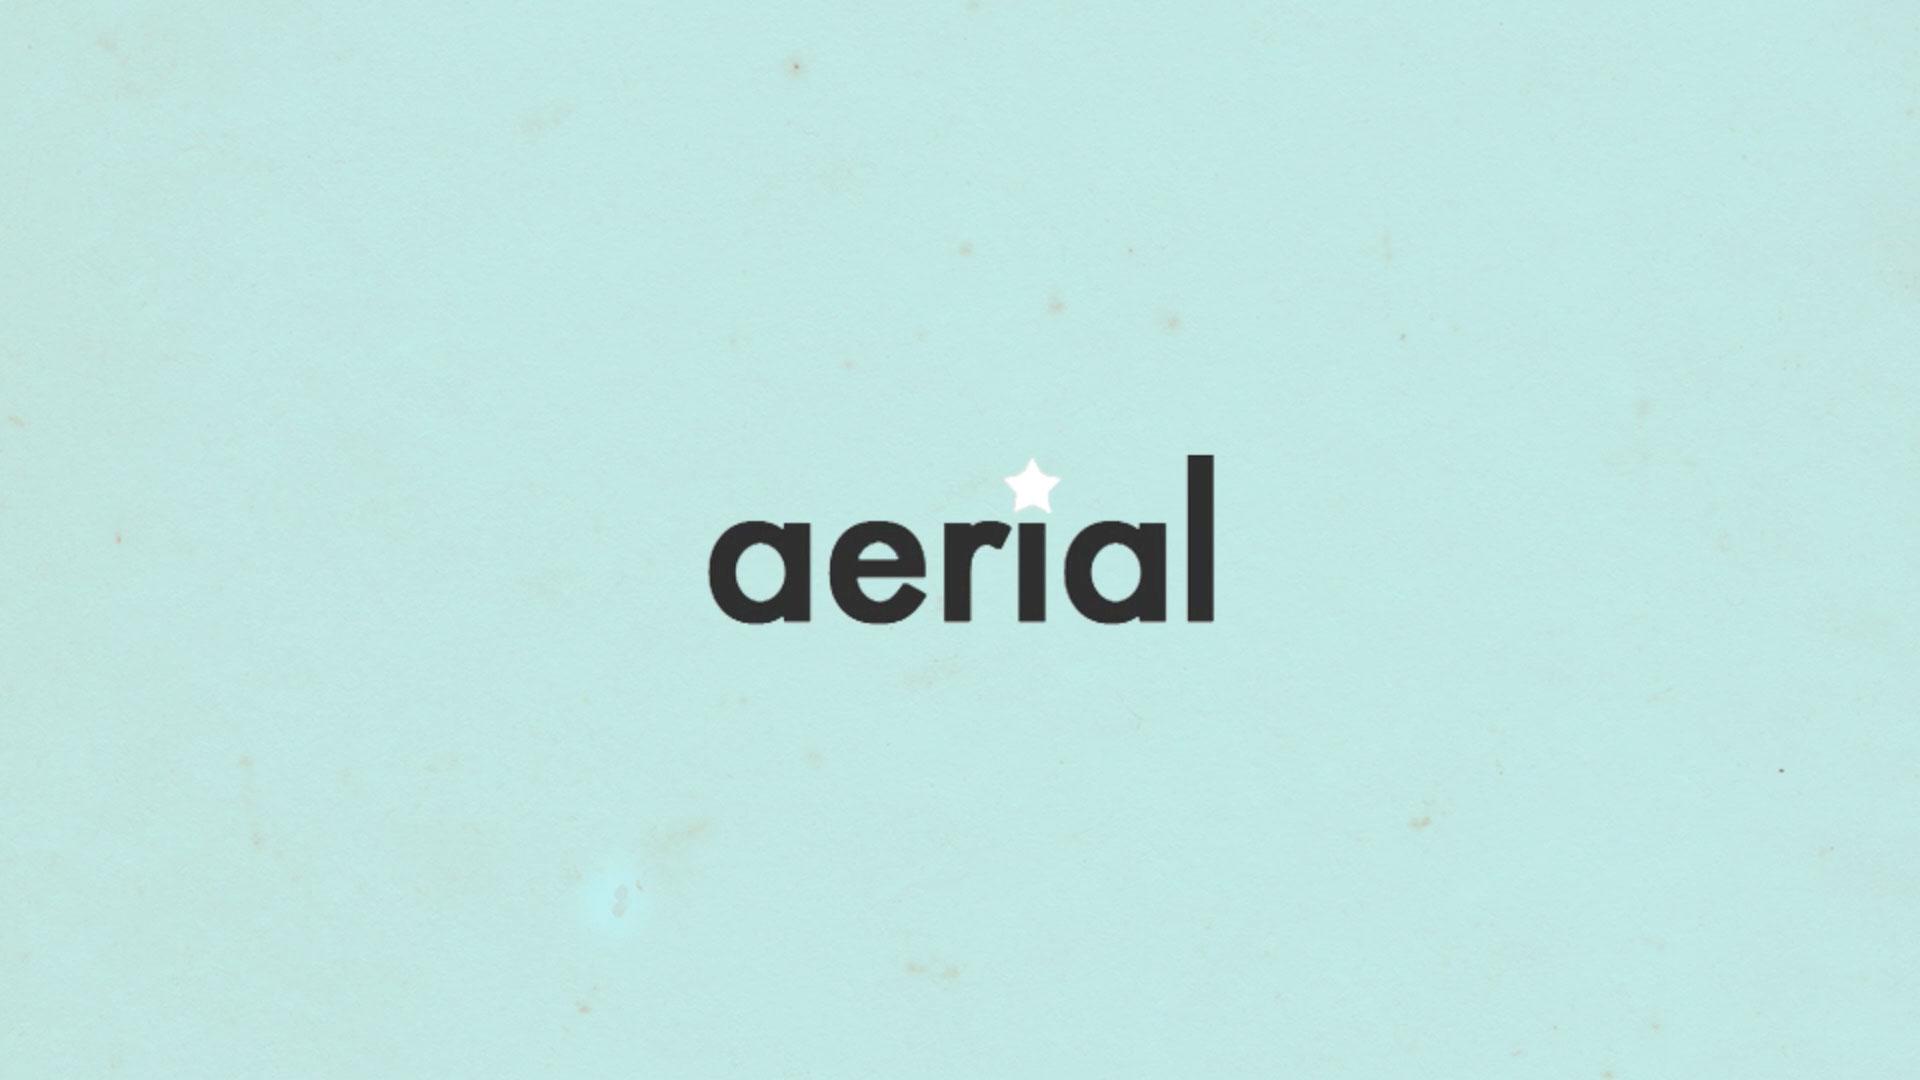 aerial_logo_extend